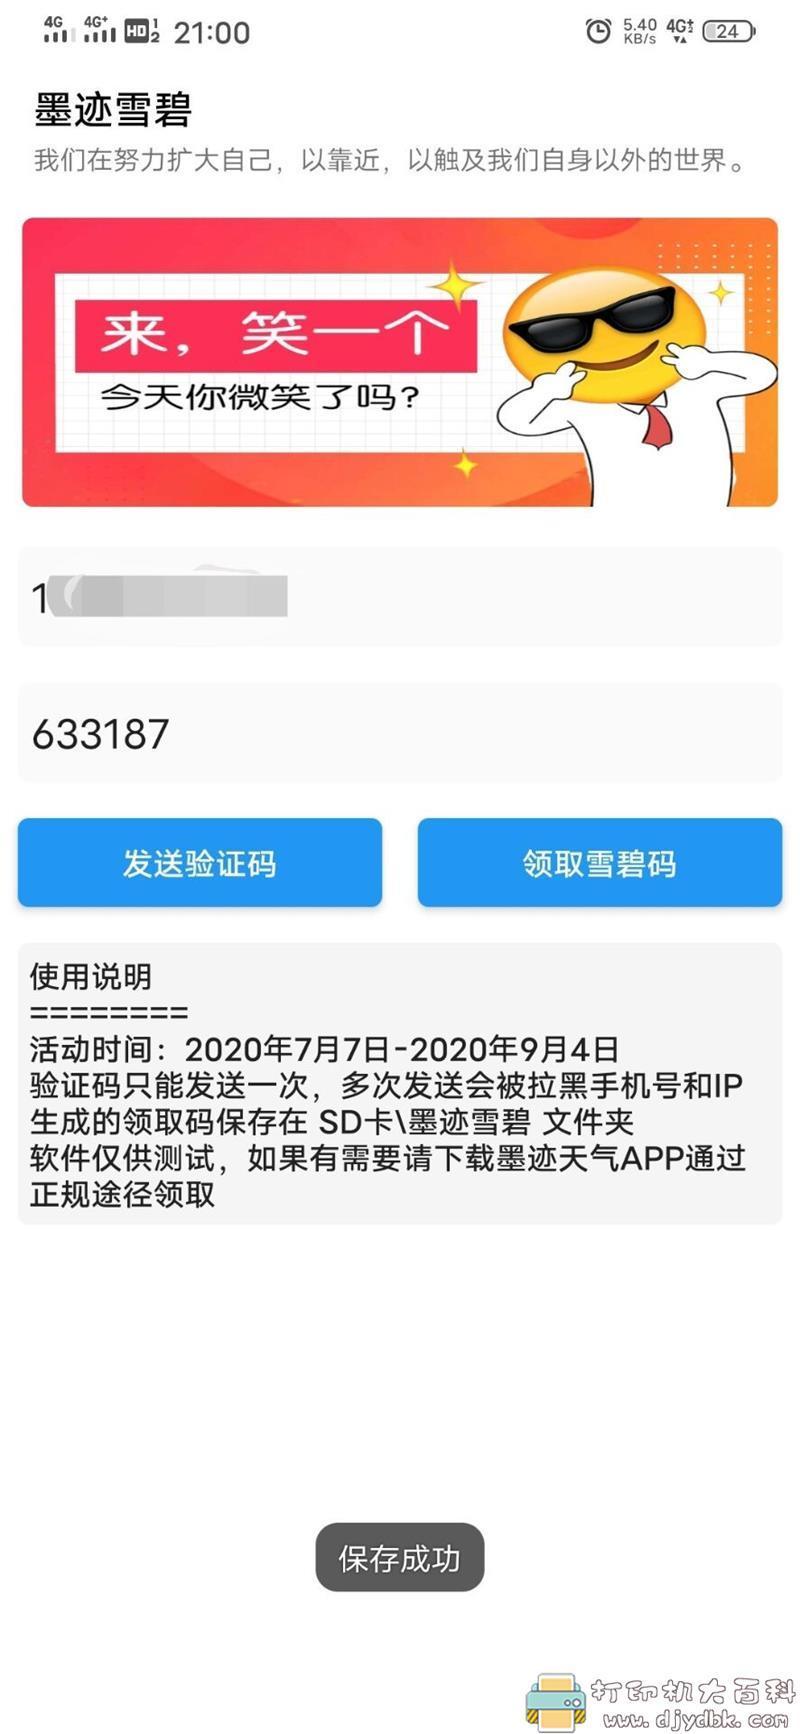 [Android]墨迹天气雪碧码生成v1.1,麦当劳实体店免费换雪碧 配图